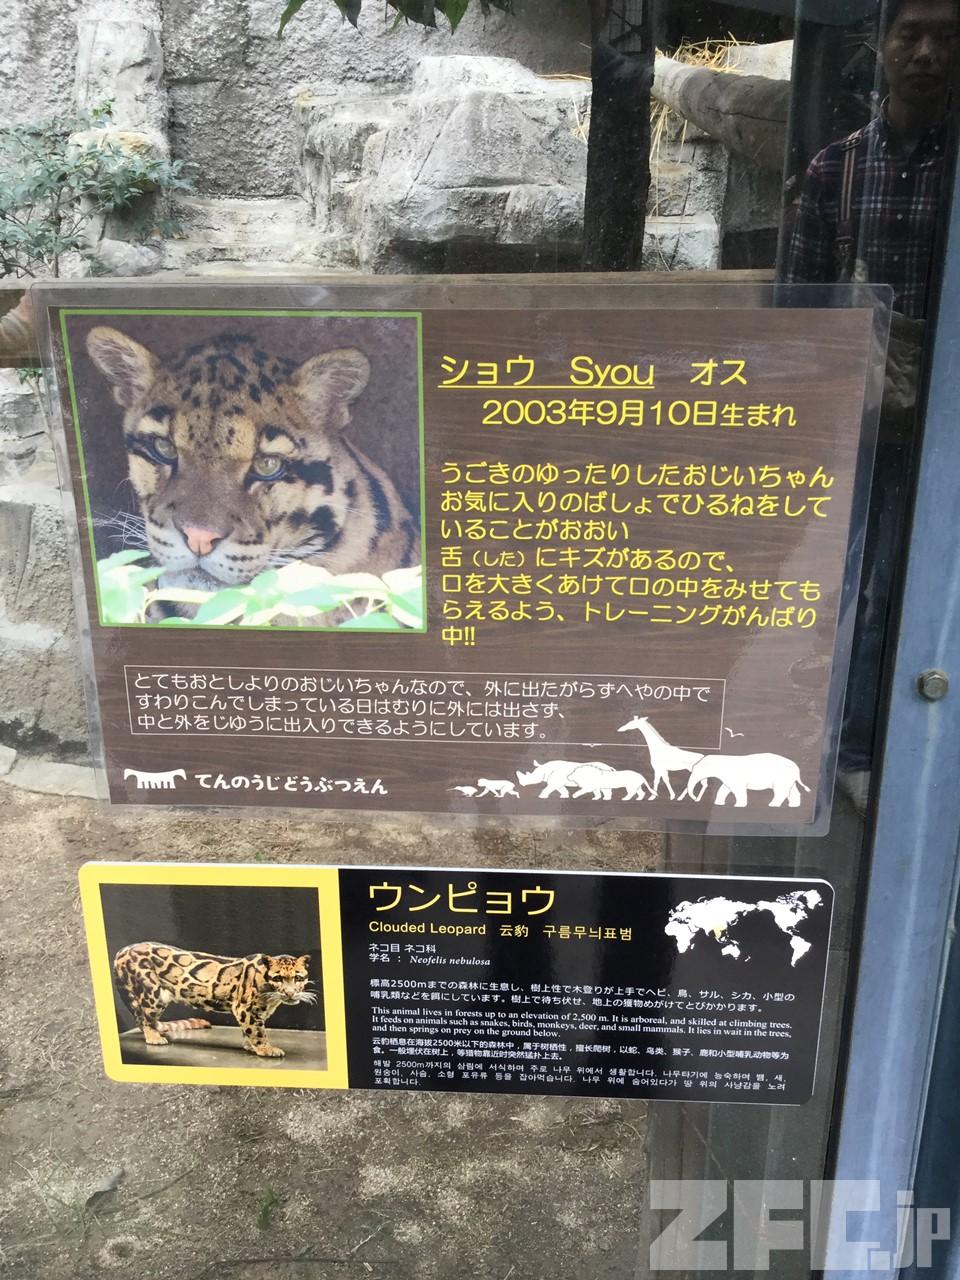 天王寺動物園のウンピョウ掲示物